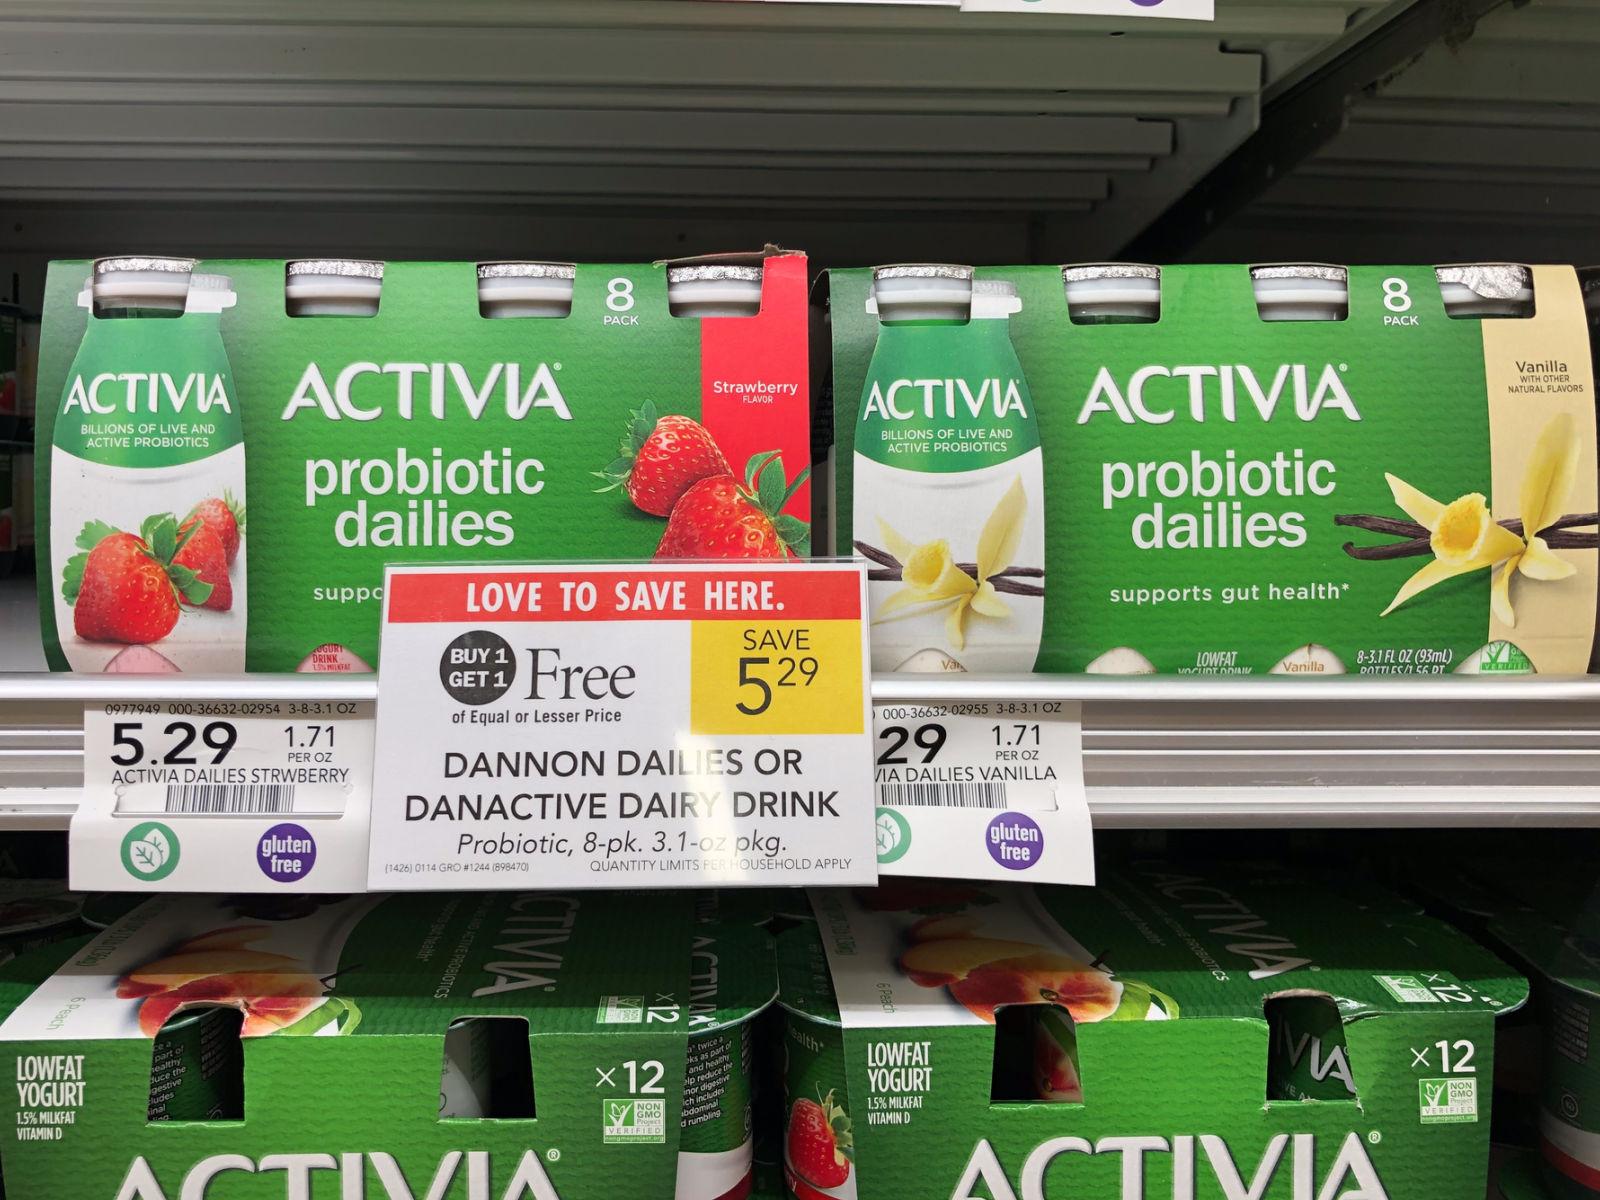 Dannon Activia Probiotic Dailies 8-Pack Only 65¢ At Publix (8¢ Per Serving) on I Heart Publix 1